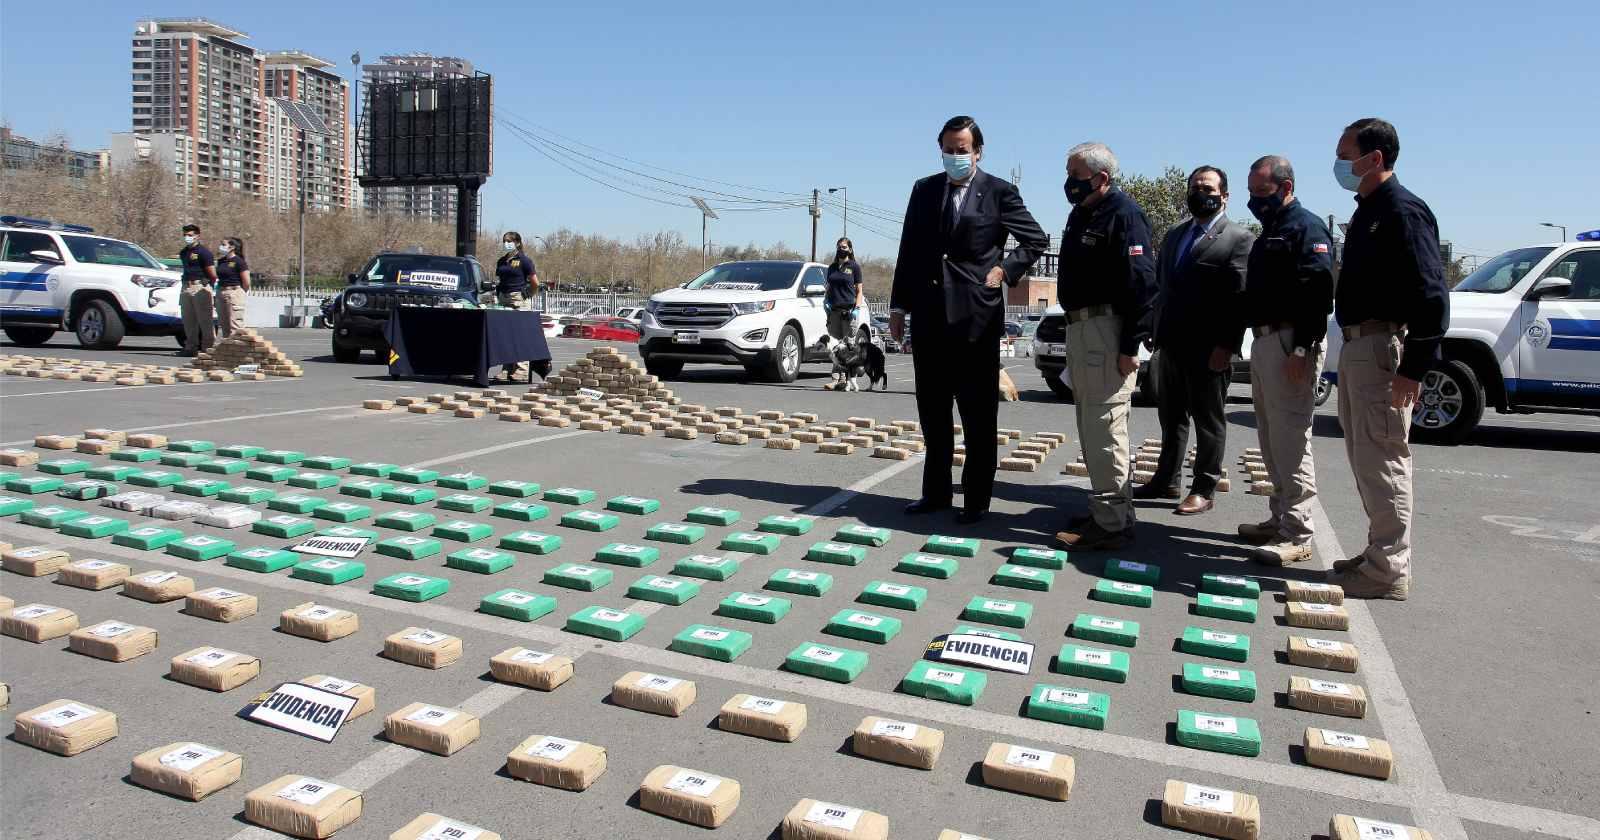 Incautaron más de 590 kilos de droga: banda era manejada desde la cárcel